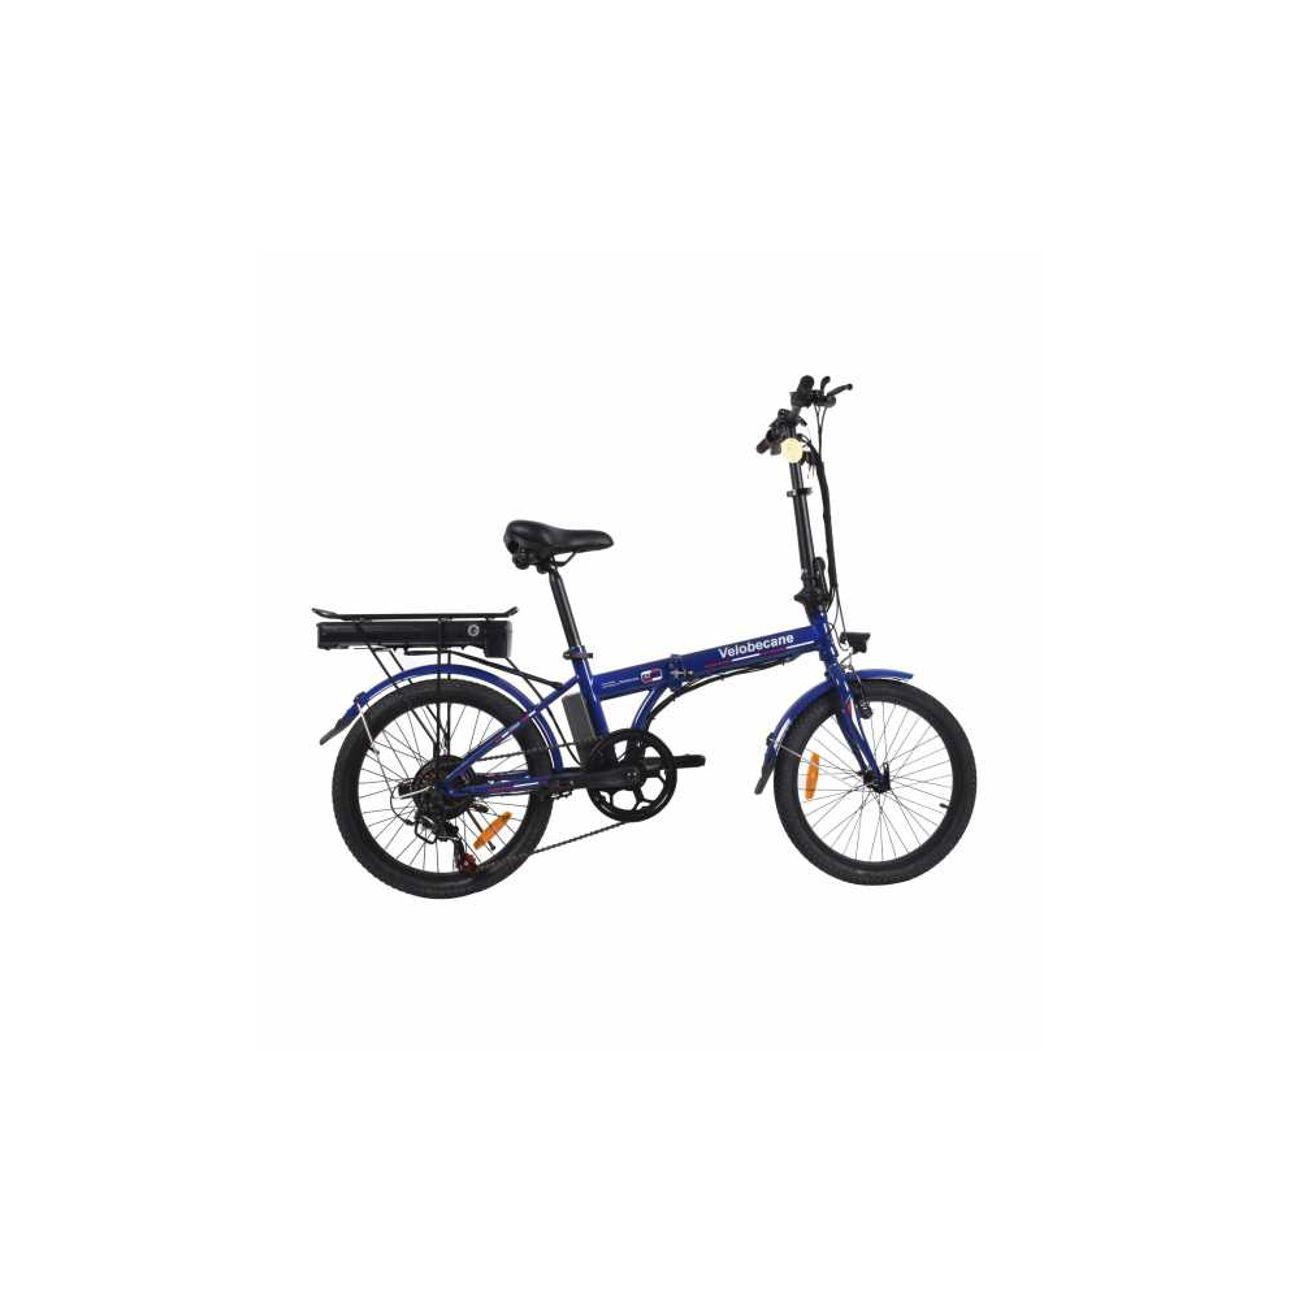 Vélo électrique Velobecane Urban Bleu pliant – achat et prix pas ... 6783c761562